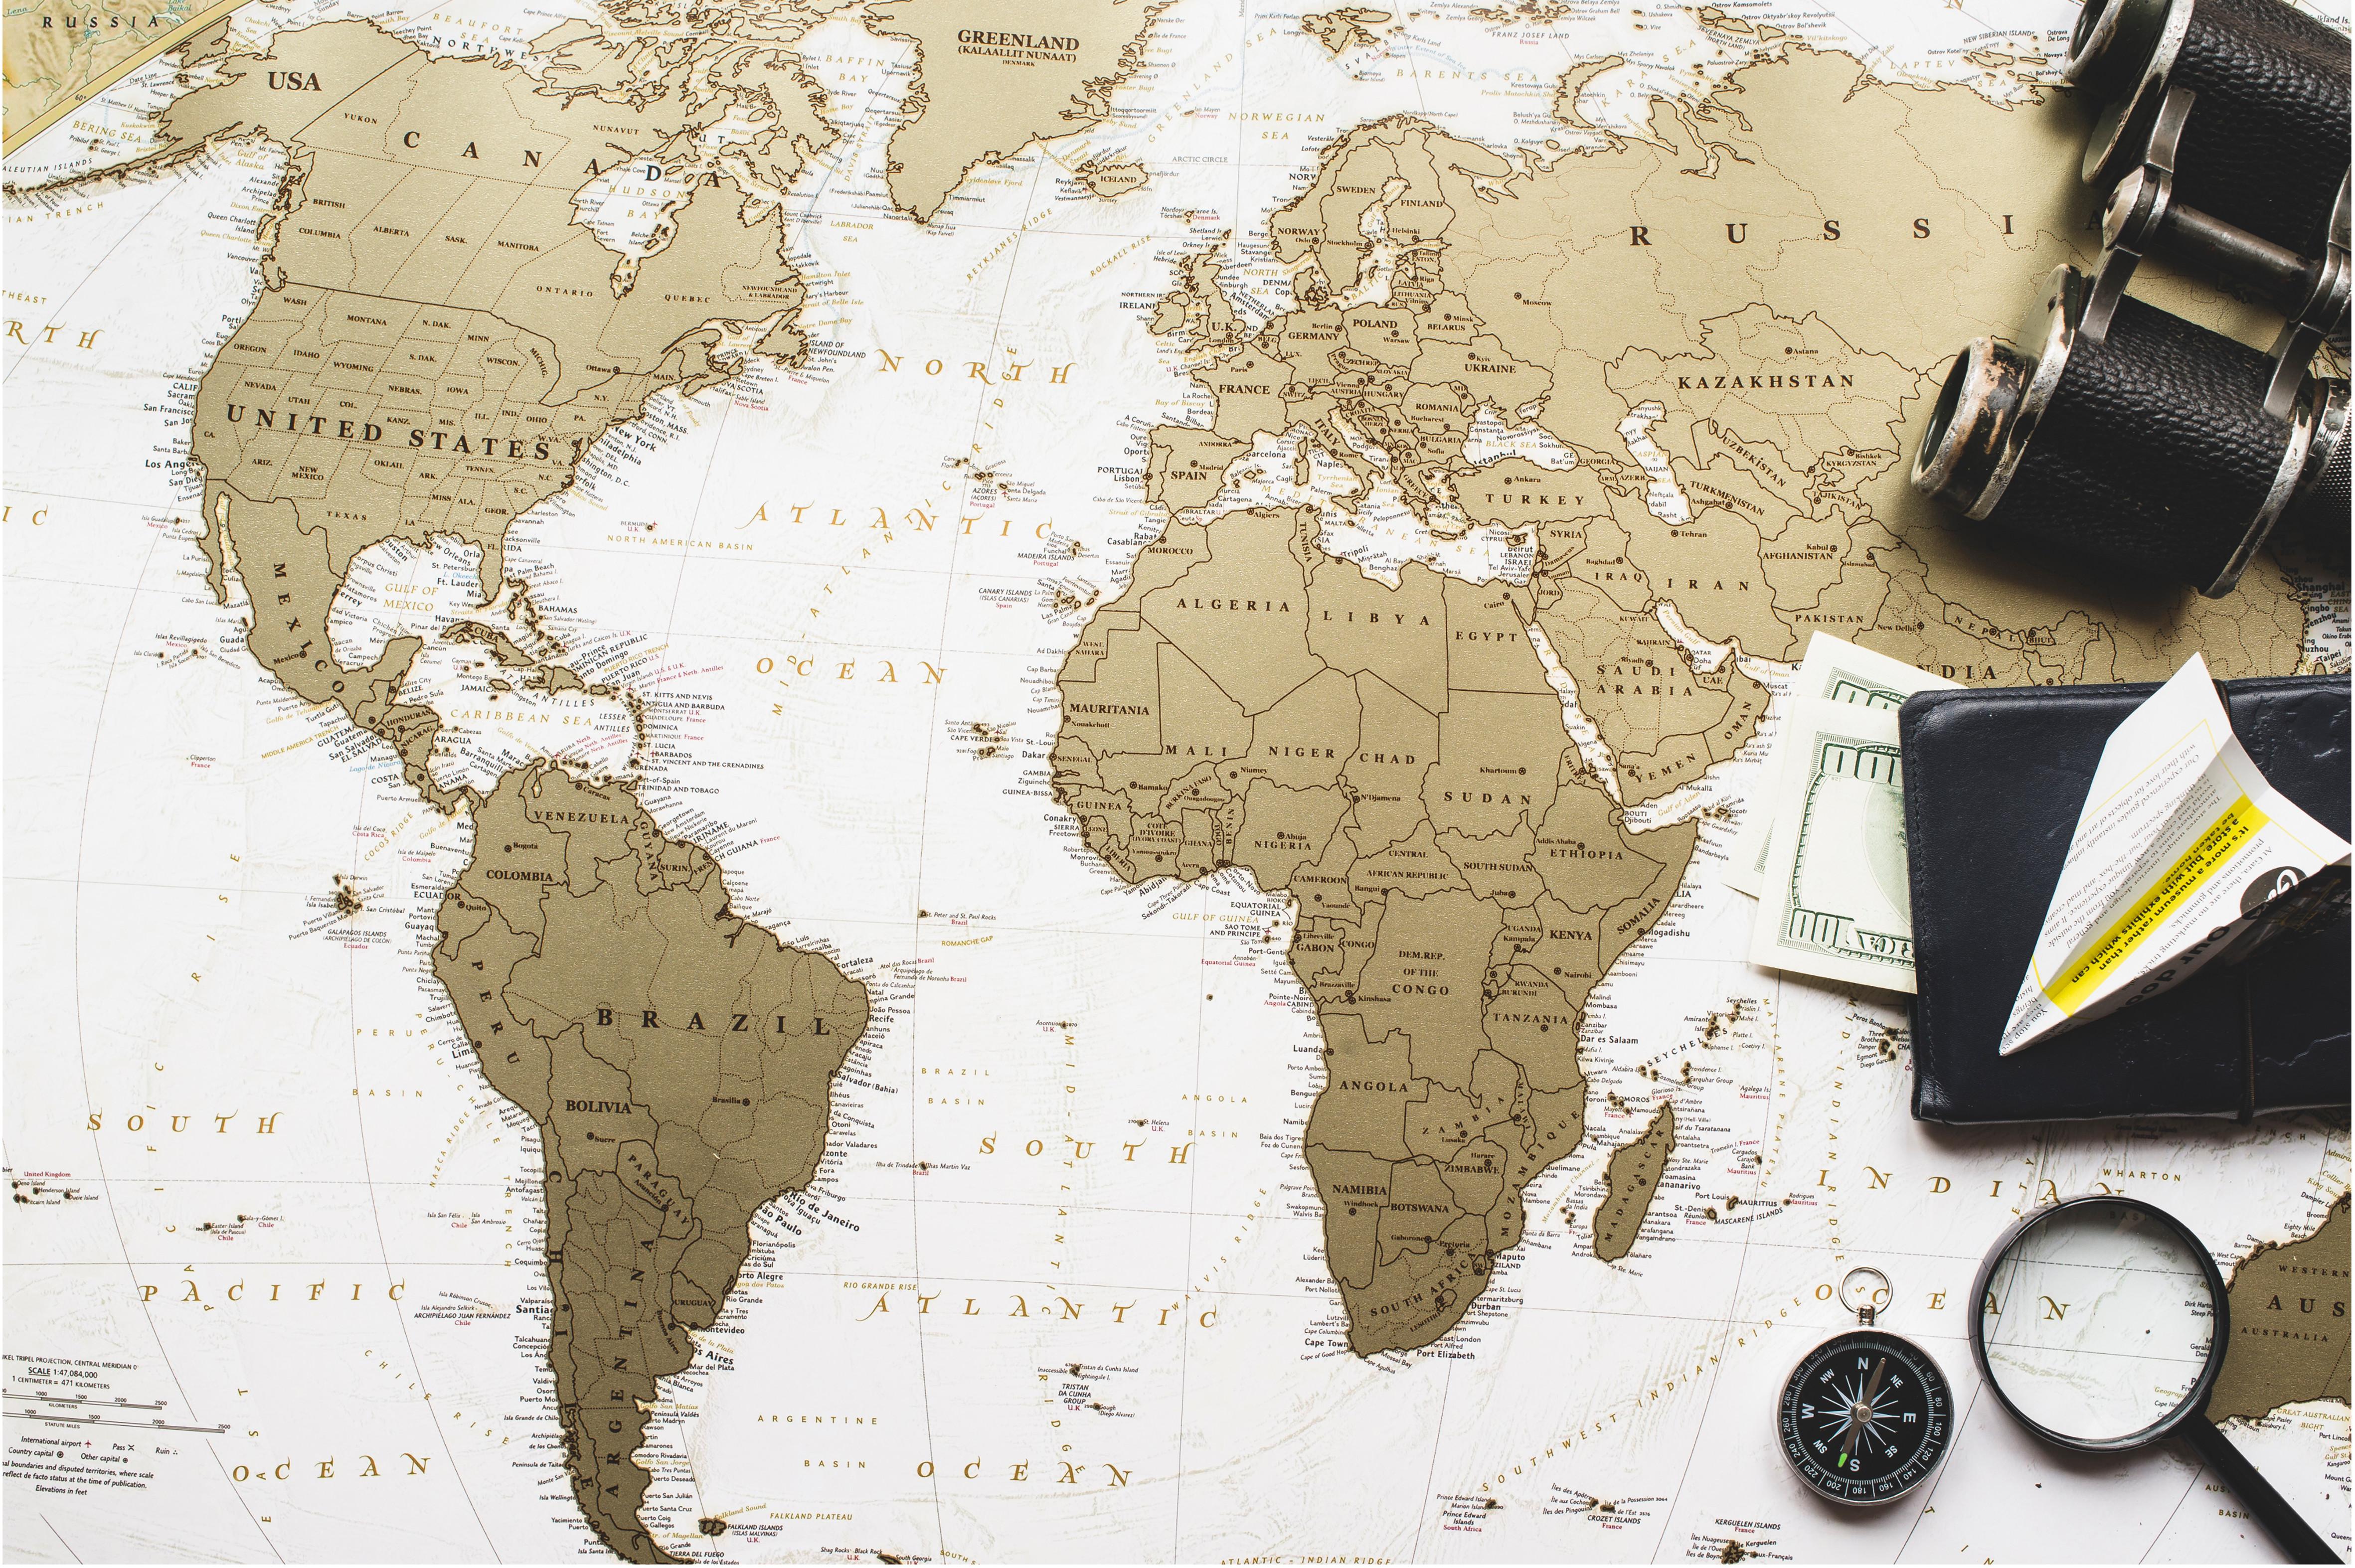 La experiencia de Enobox Experiencias nos hace ser un referente a nivel nacional aportando a nuestros clientes las mejores ideas para viajes de incentivo de empresa.